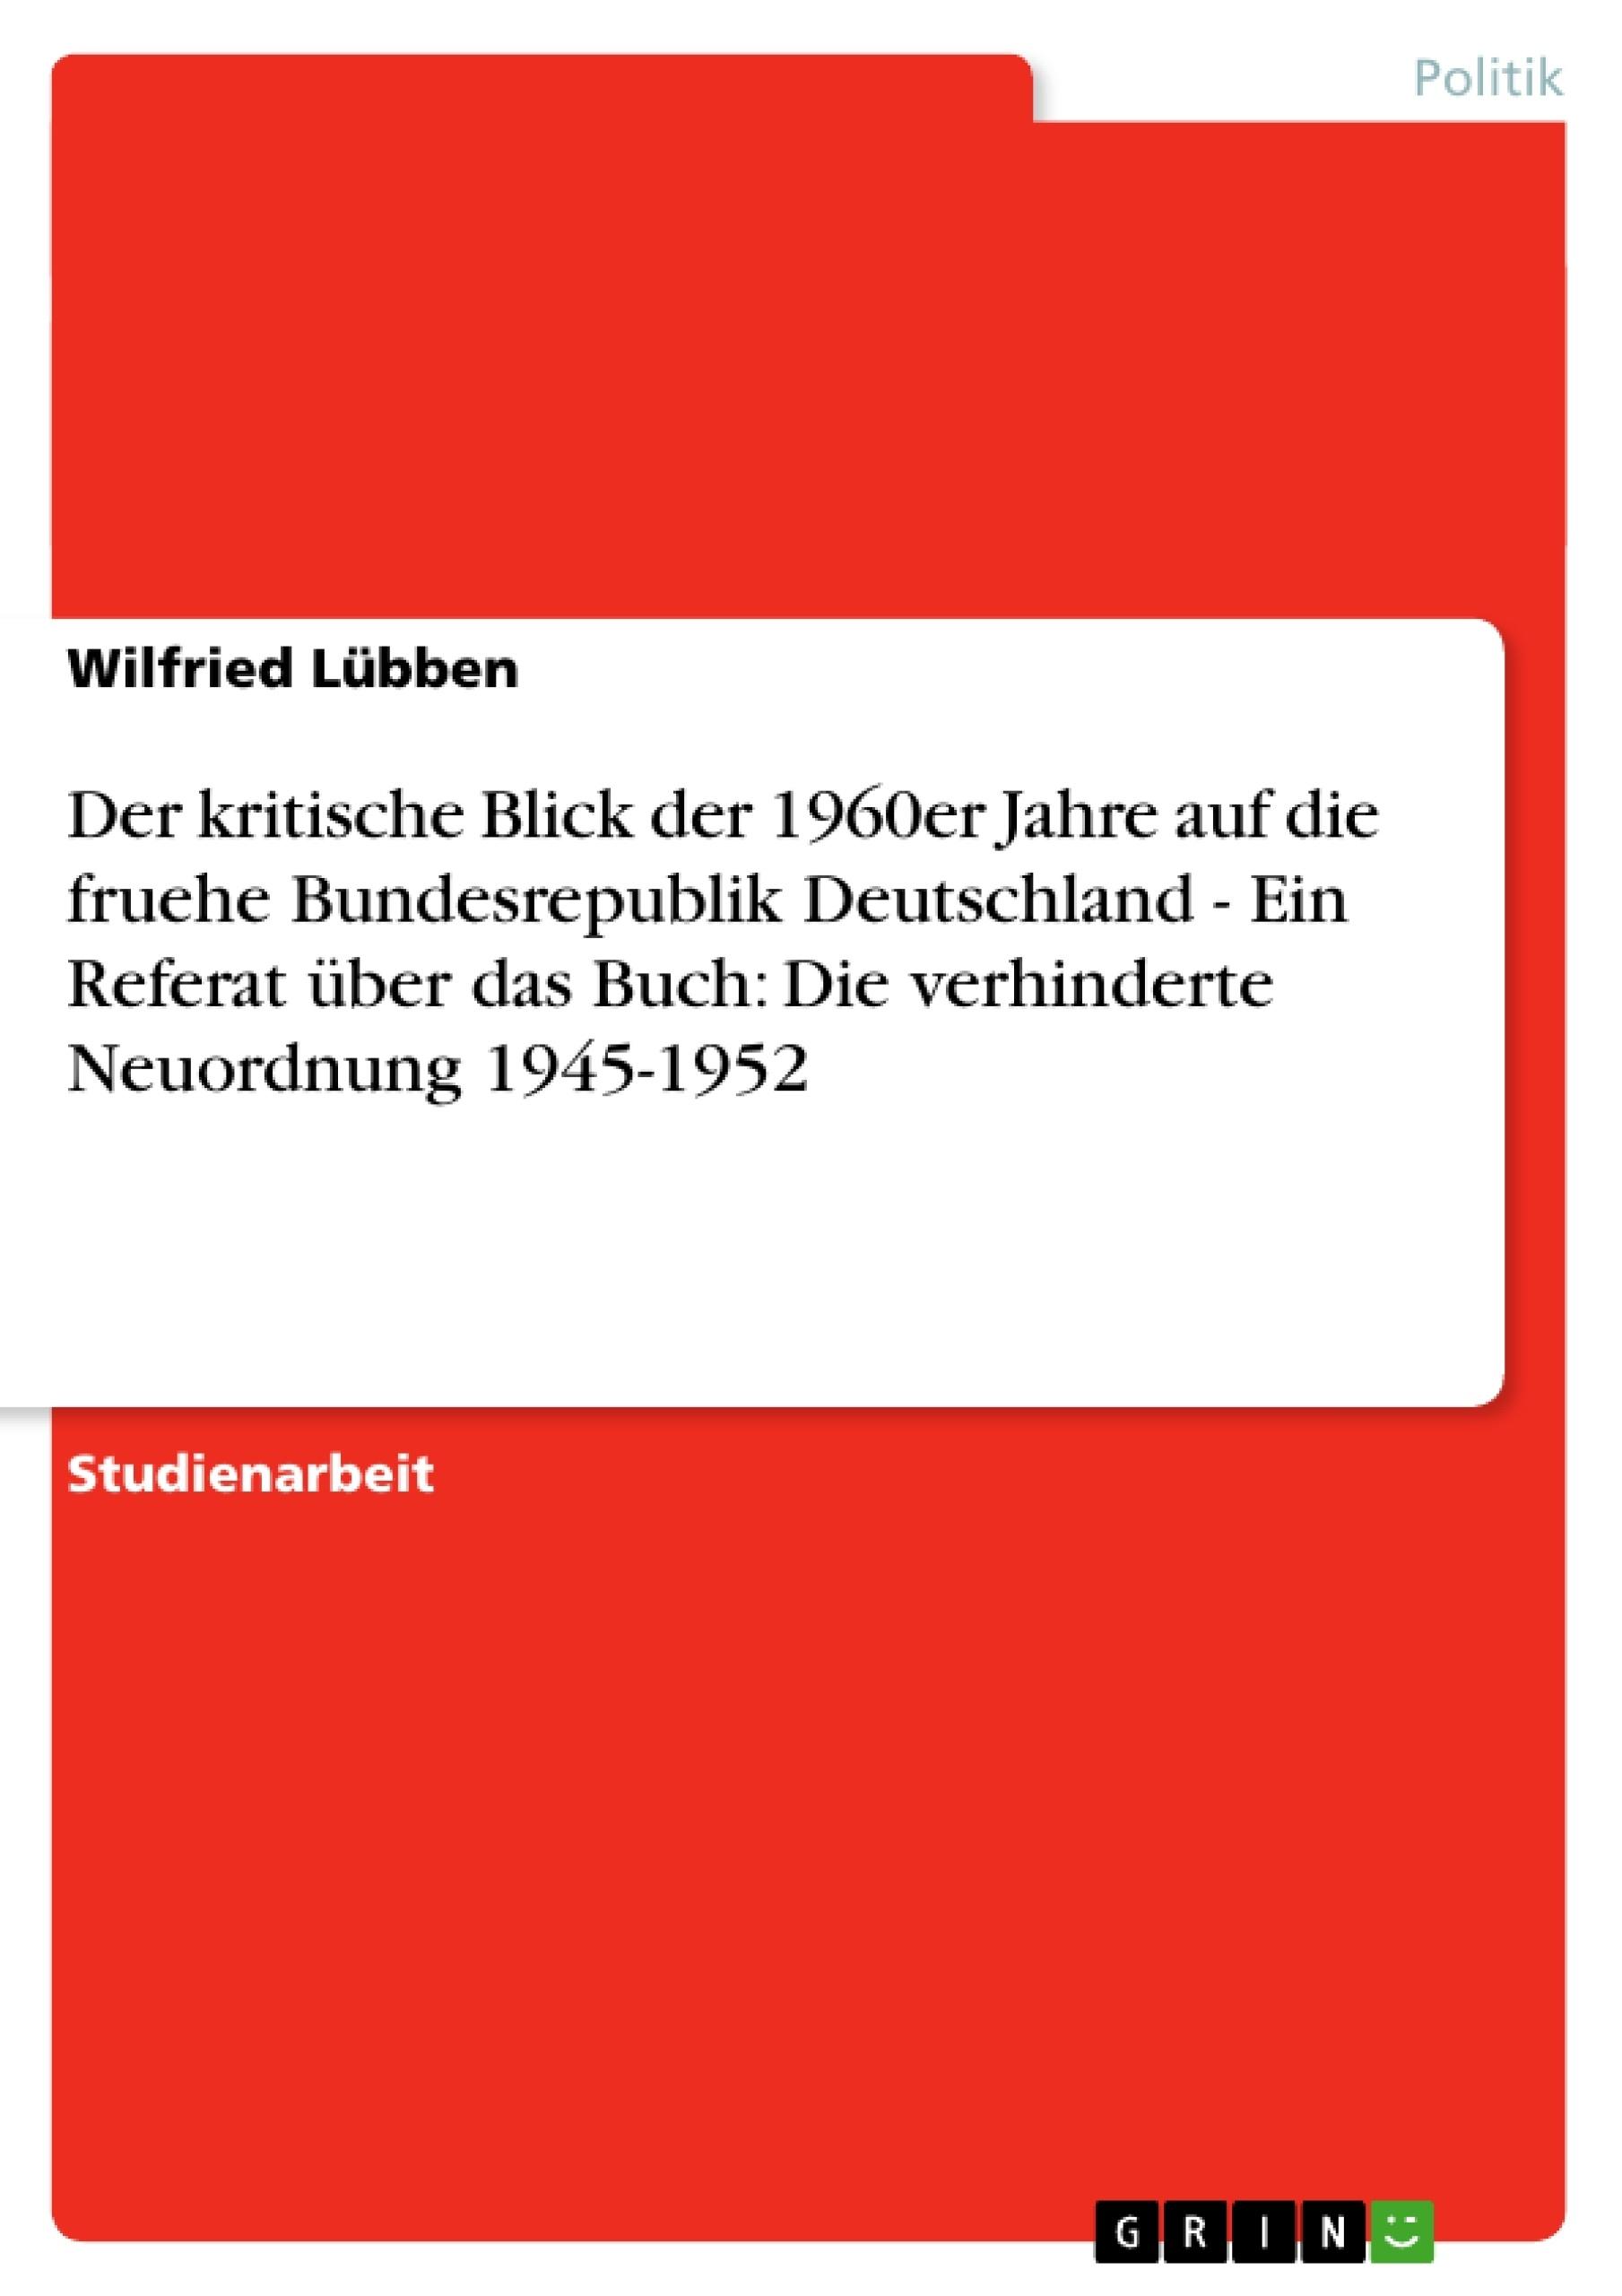 Titel: Der kritische Blick der 1960er Jahre auf die fruehe Bundesrepublik Deutschland - Ein Referat über das Buch: Die verhinderte Neuordnung 1945-1952